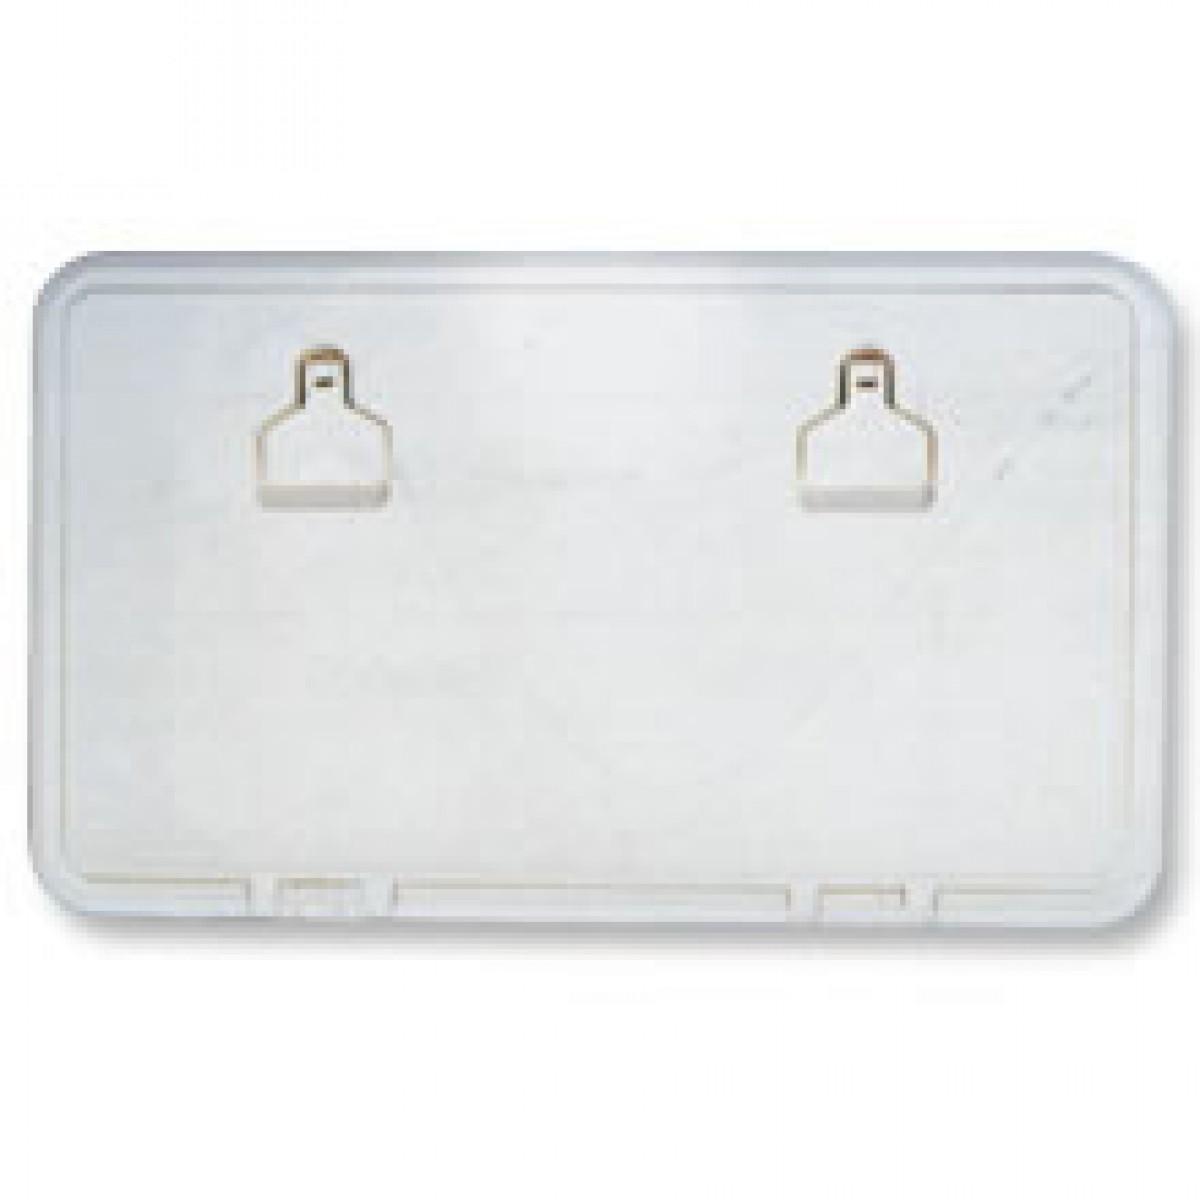 Lockable Access Hatch 350mm X 590mm Actual Size Assorted Doors Access Doors